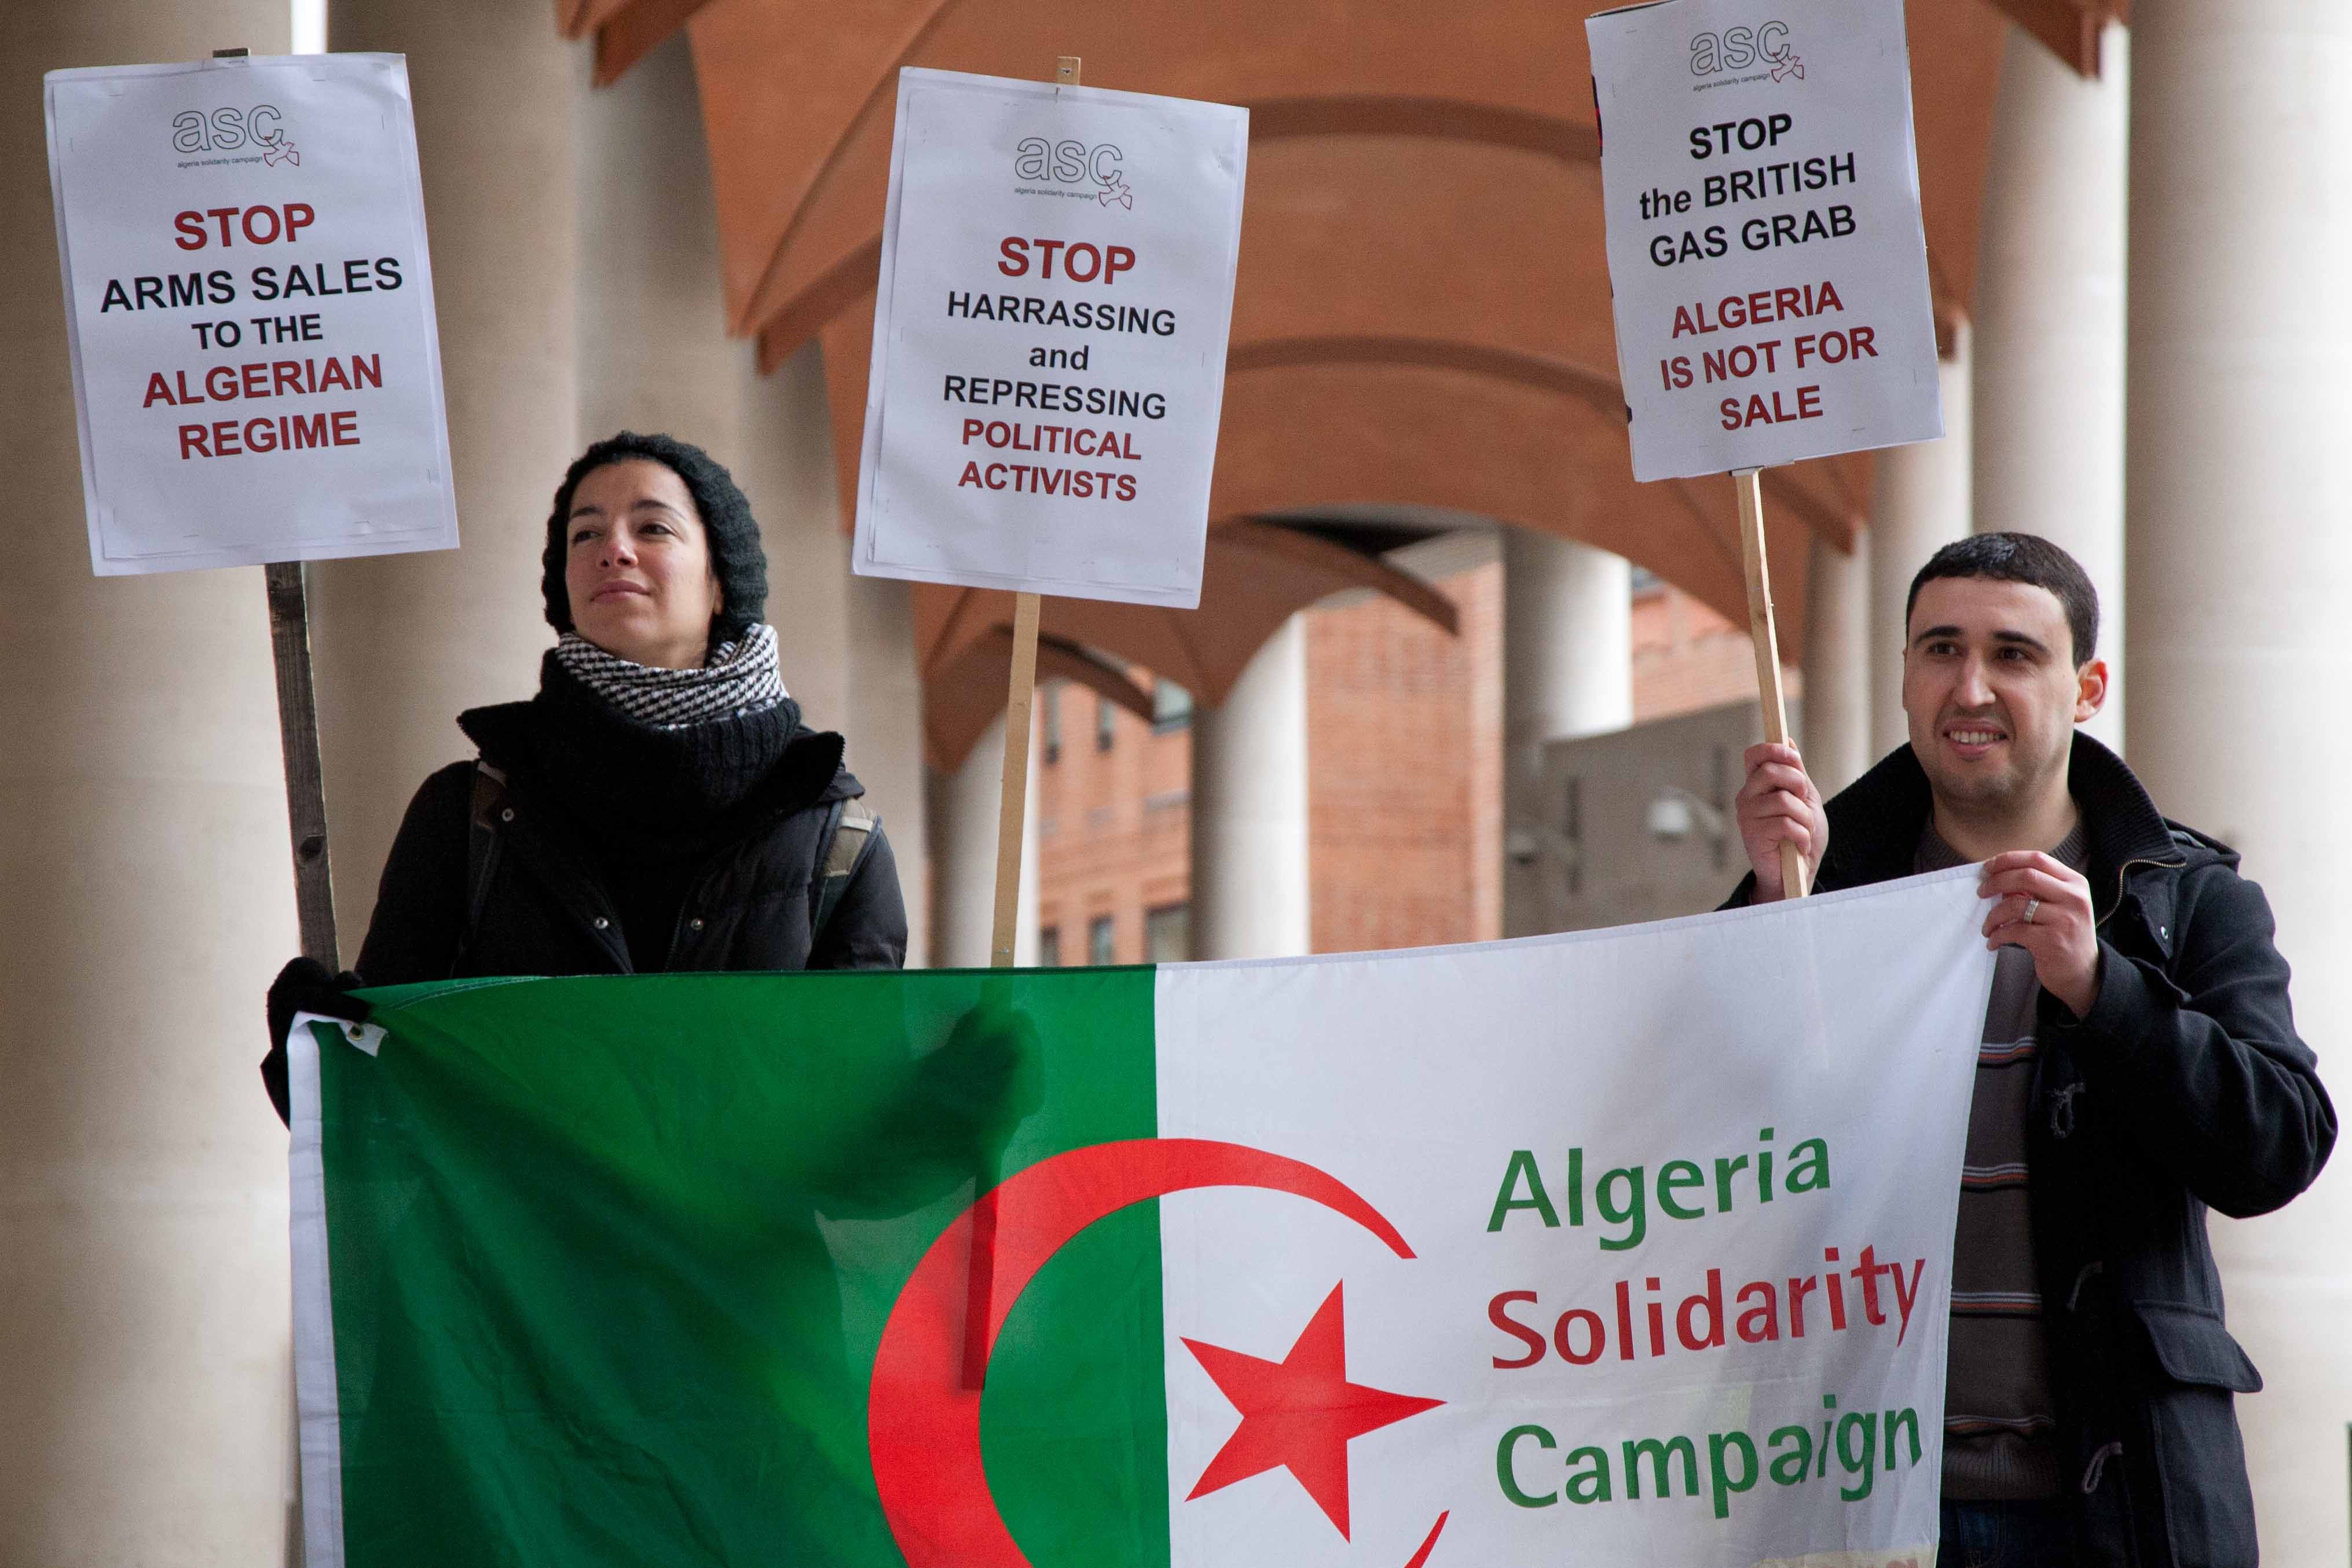 BHP Billiton and the Algerian Regime